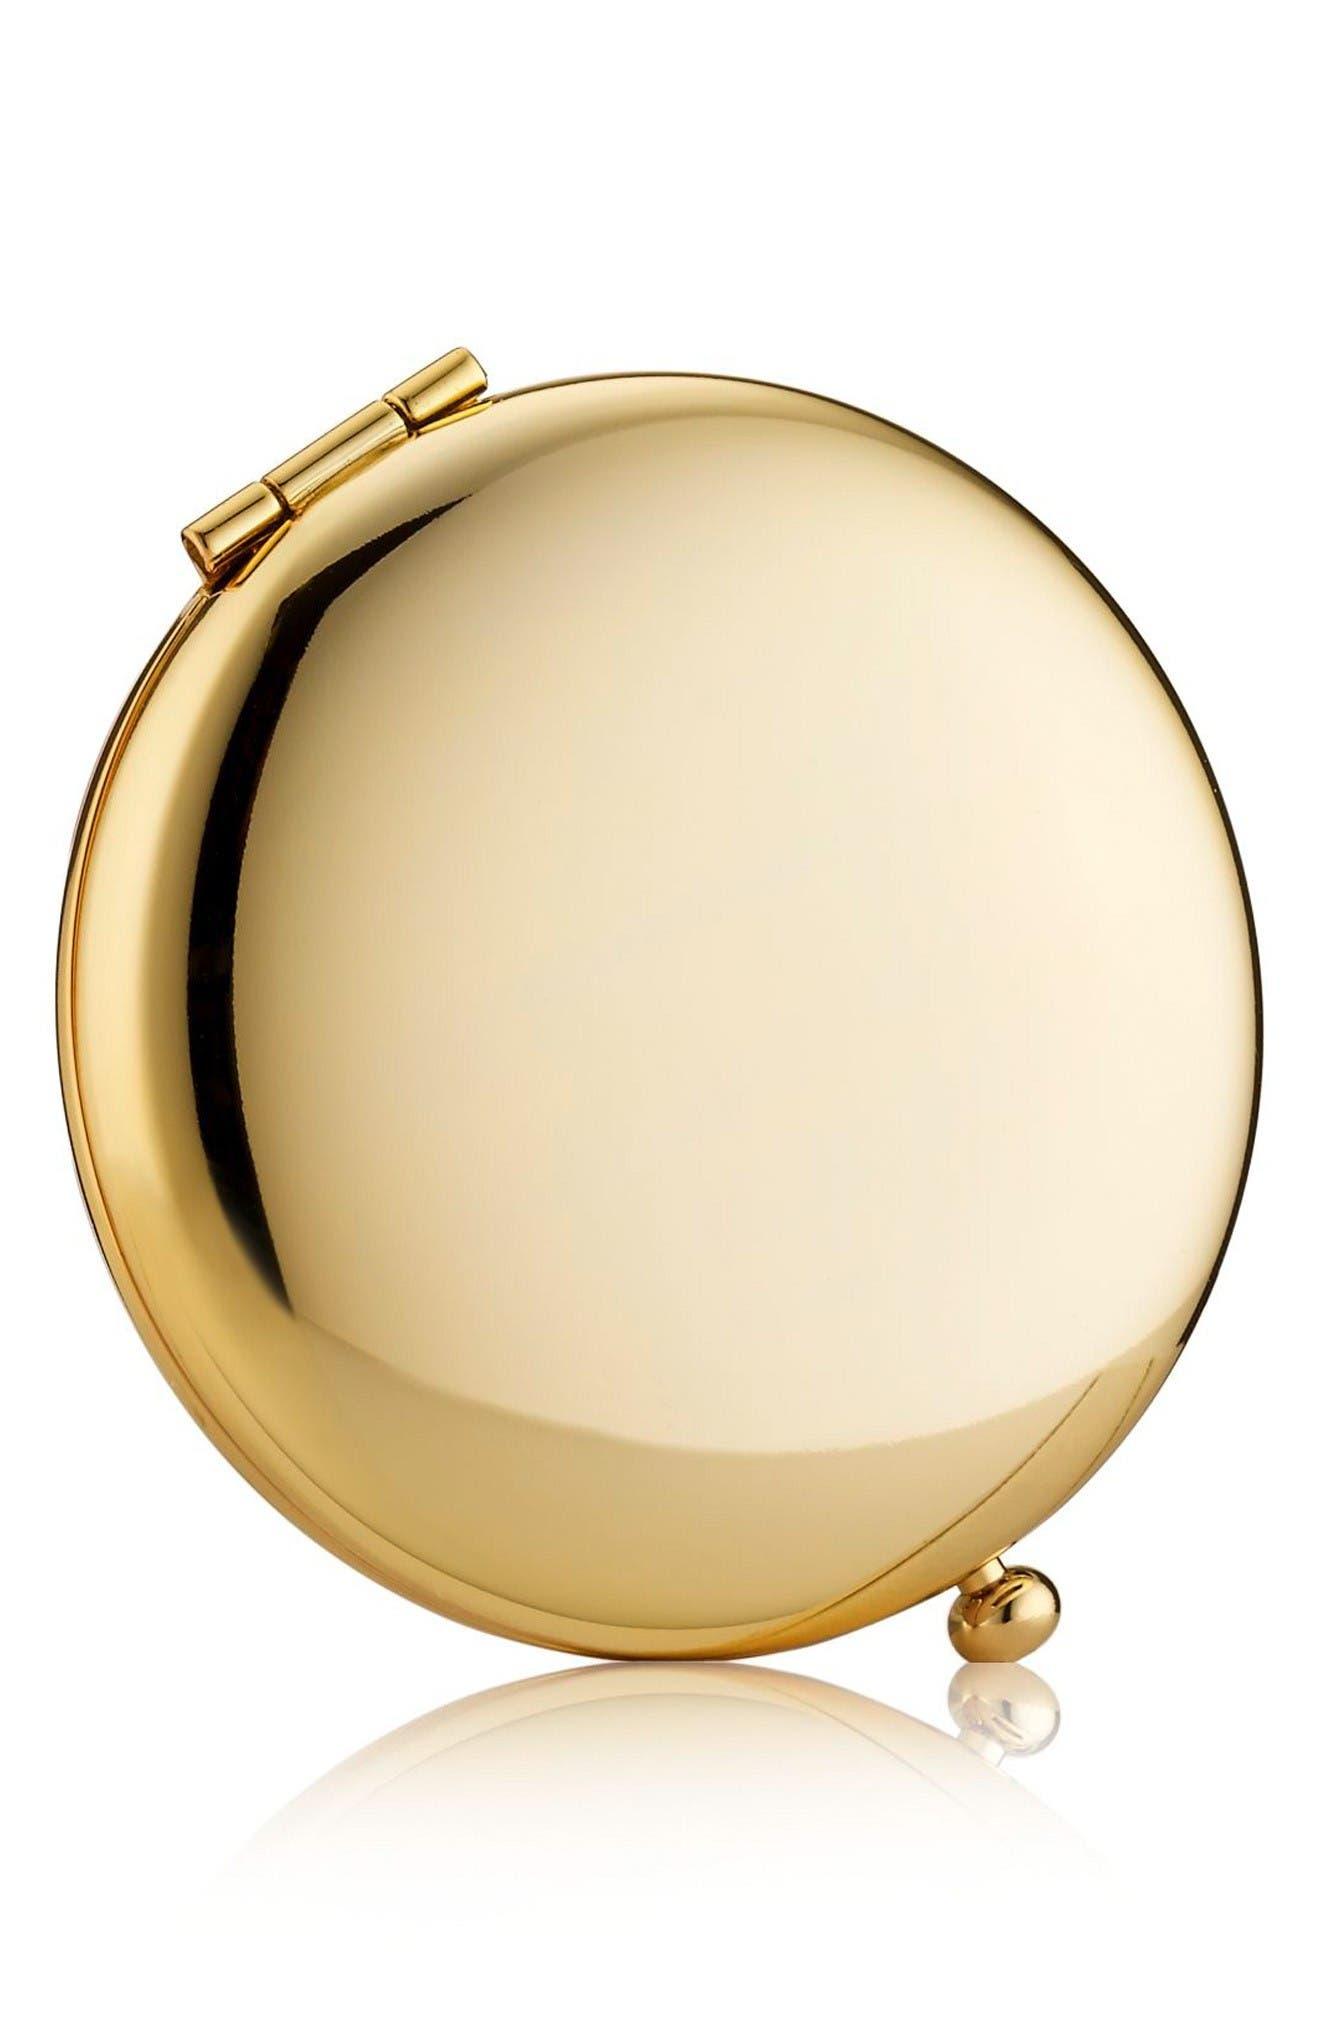 Alternate Image 1 Selected - Estée Lauder After Hours Slim Compact